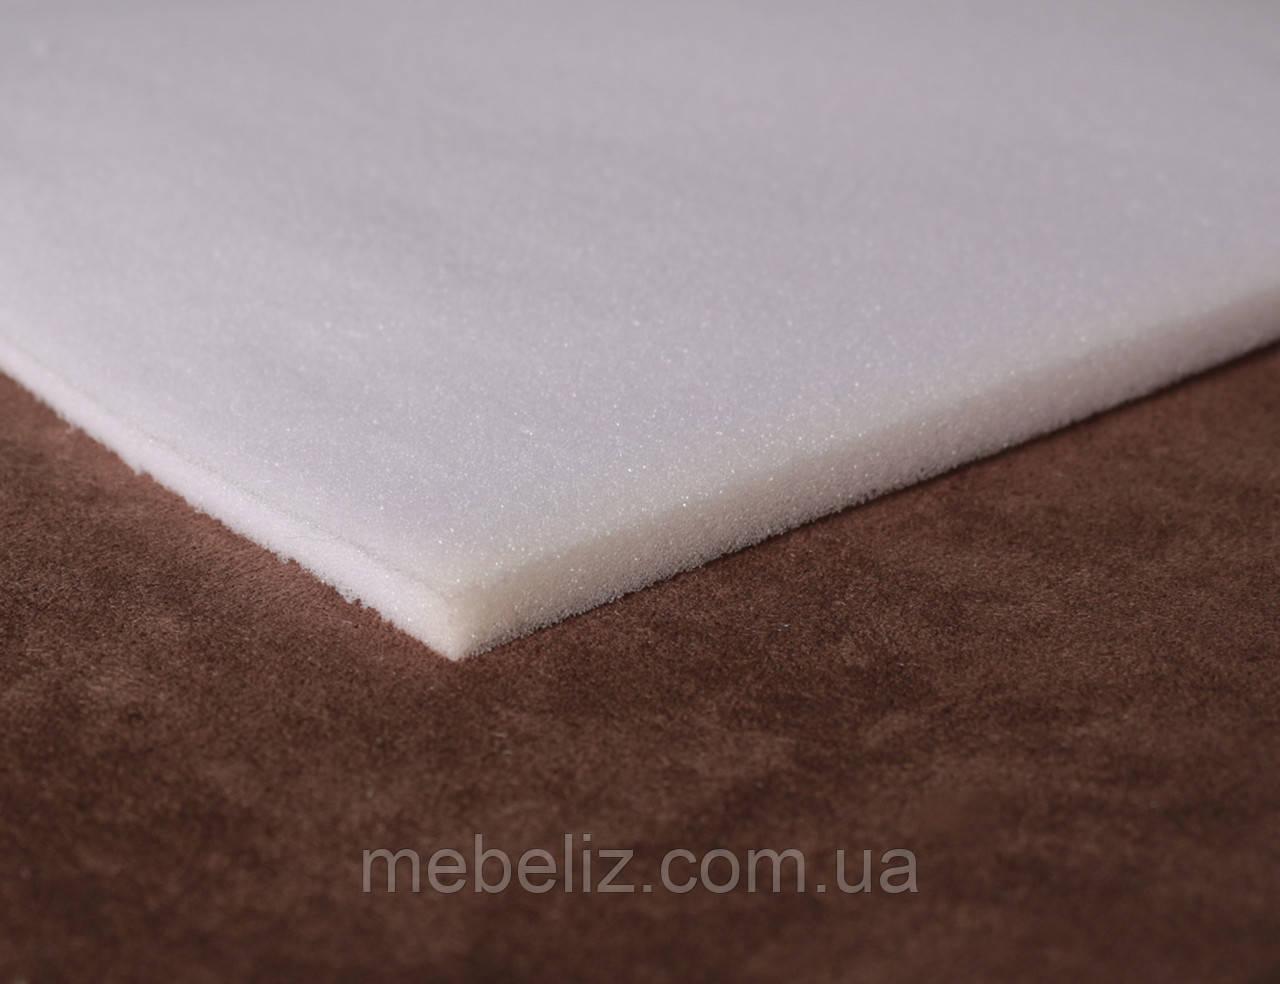 Поролон листовой мебельный 30мм(толщина)*1,4м(ширина)*2м(длина) ST22(плотность)